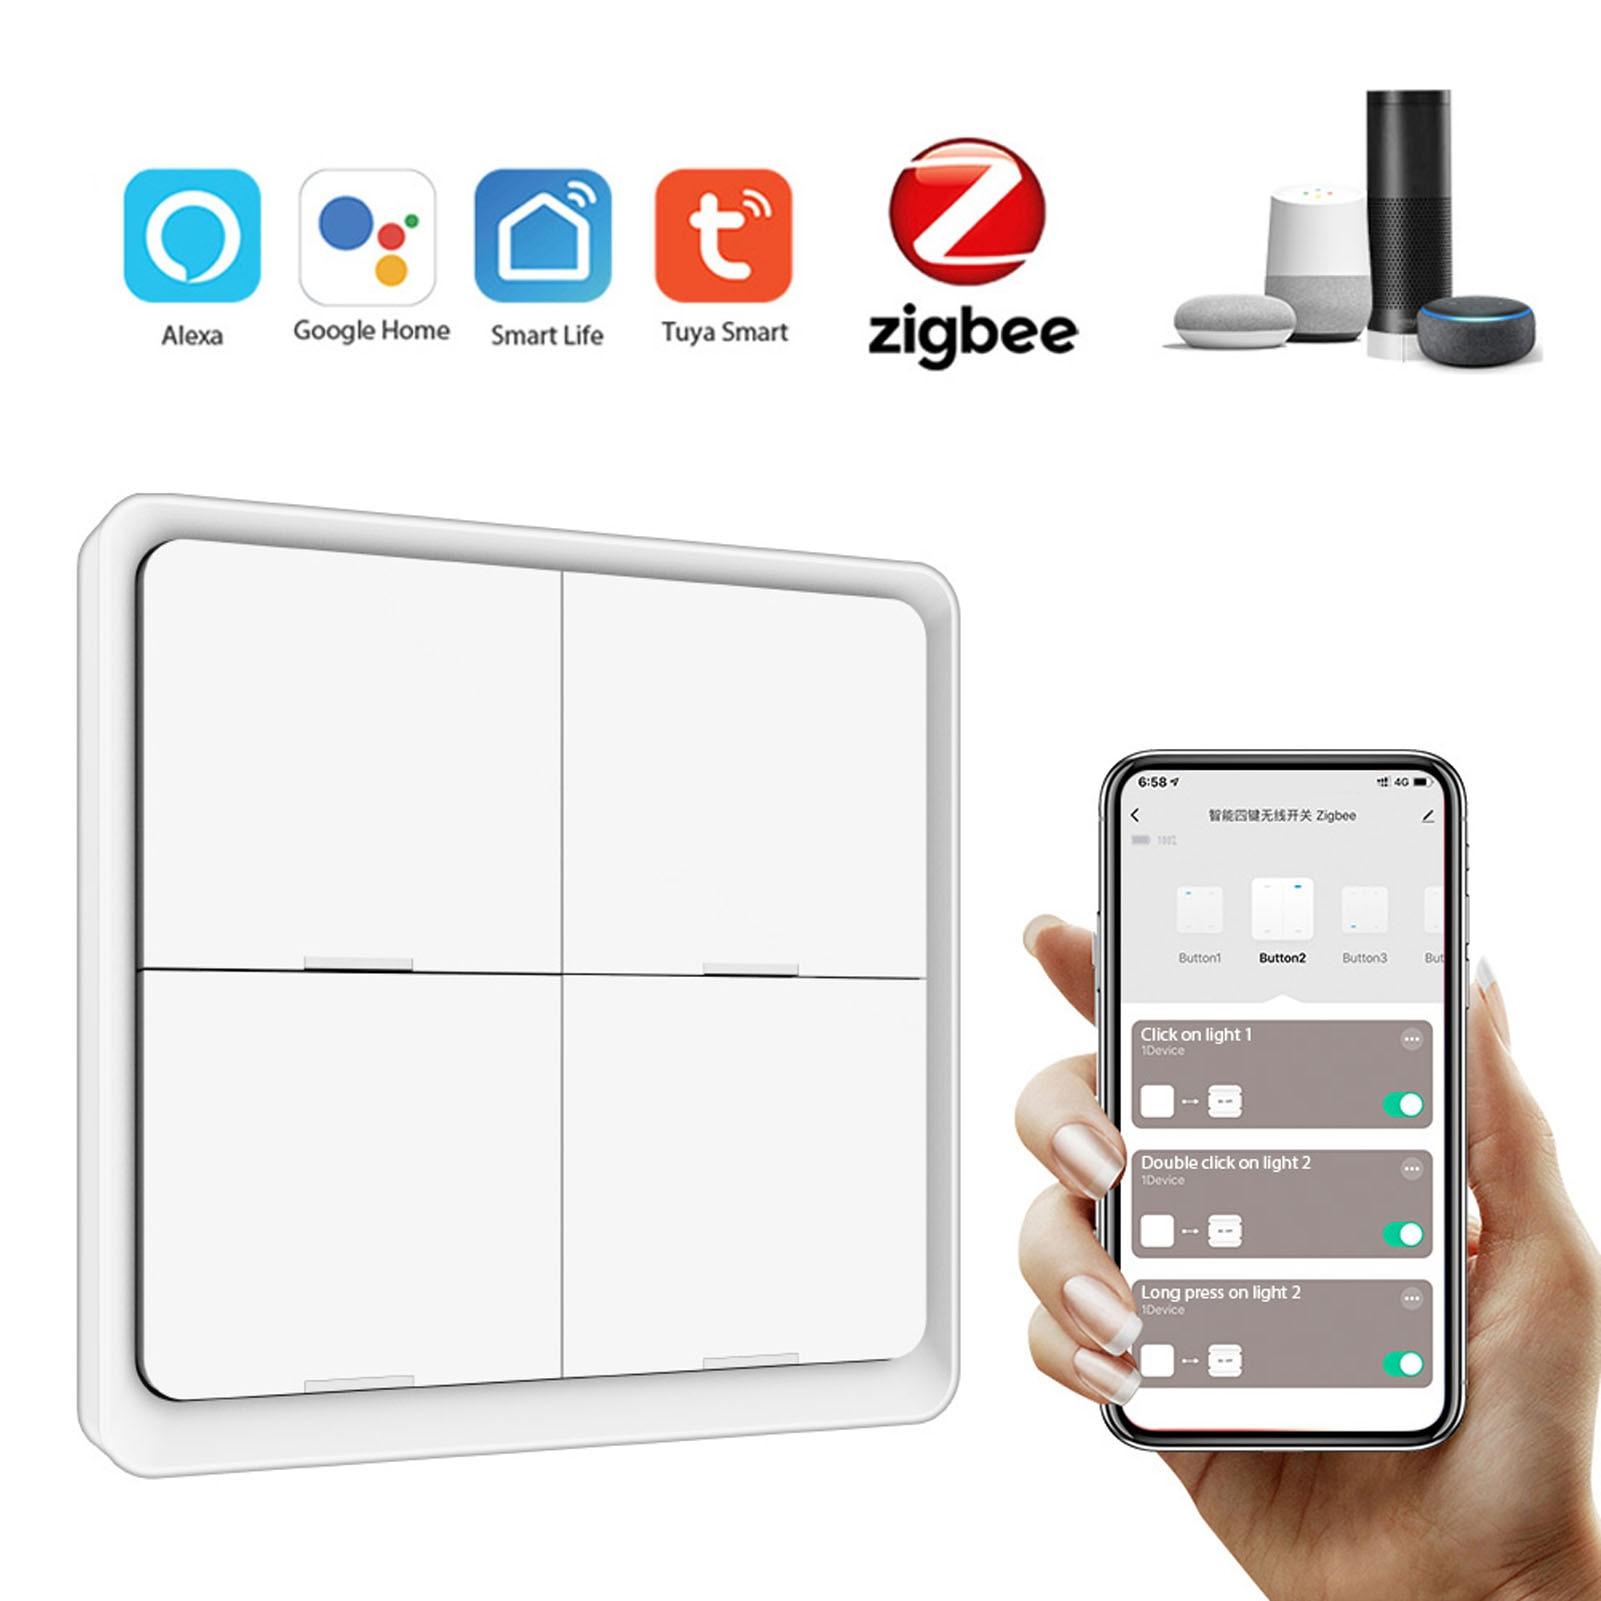 Tuya ZigBee-مفتاح لاسلكي 4 مداخل مع لوحة طريق ، أداة منزلية ذكية متوافقة مع Tuya و Alexa و Google Home و Siri